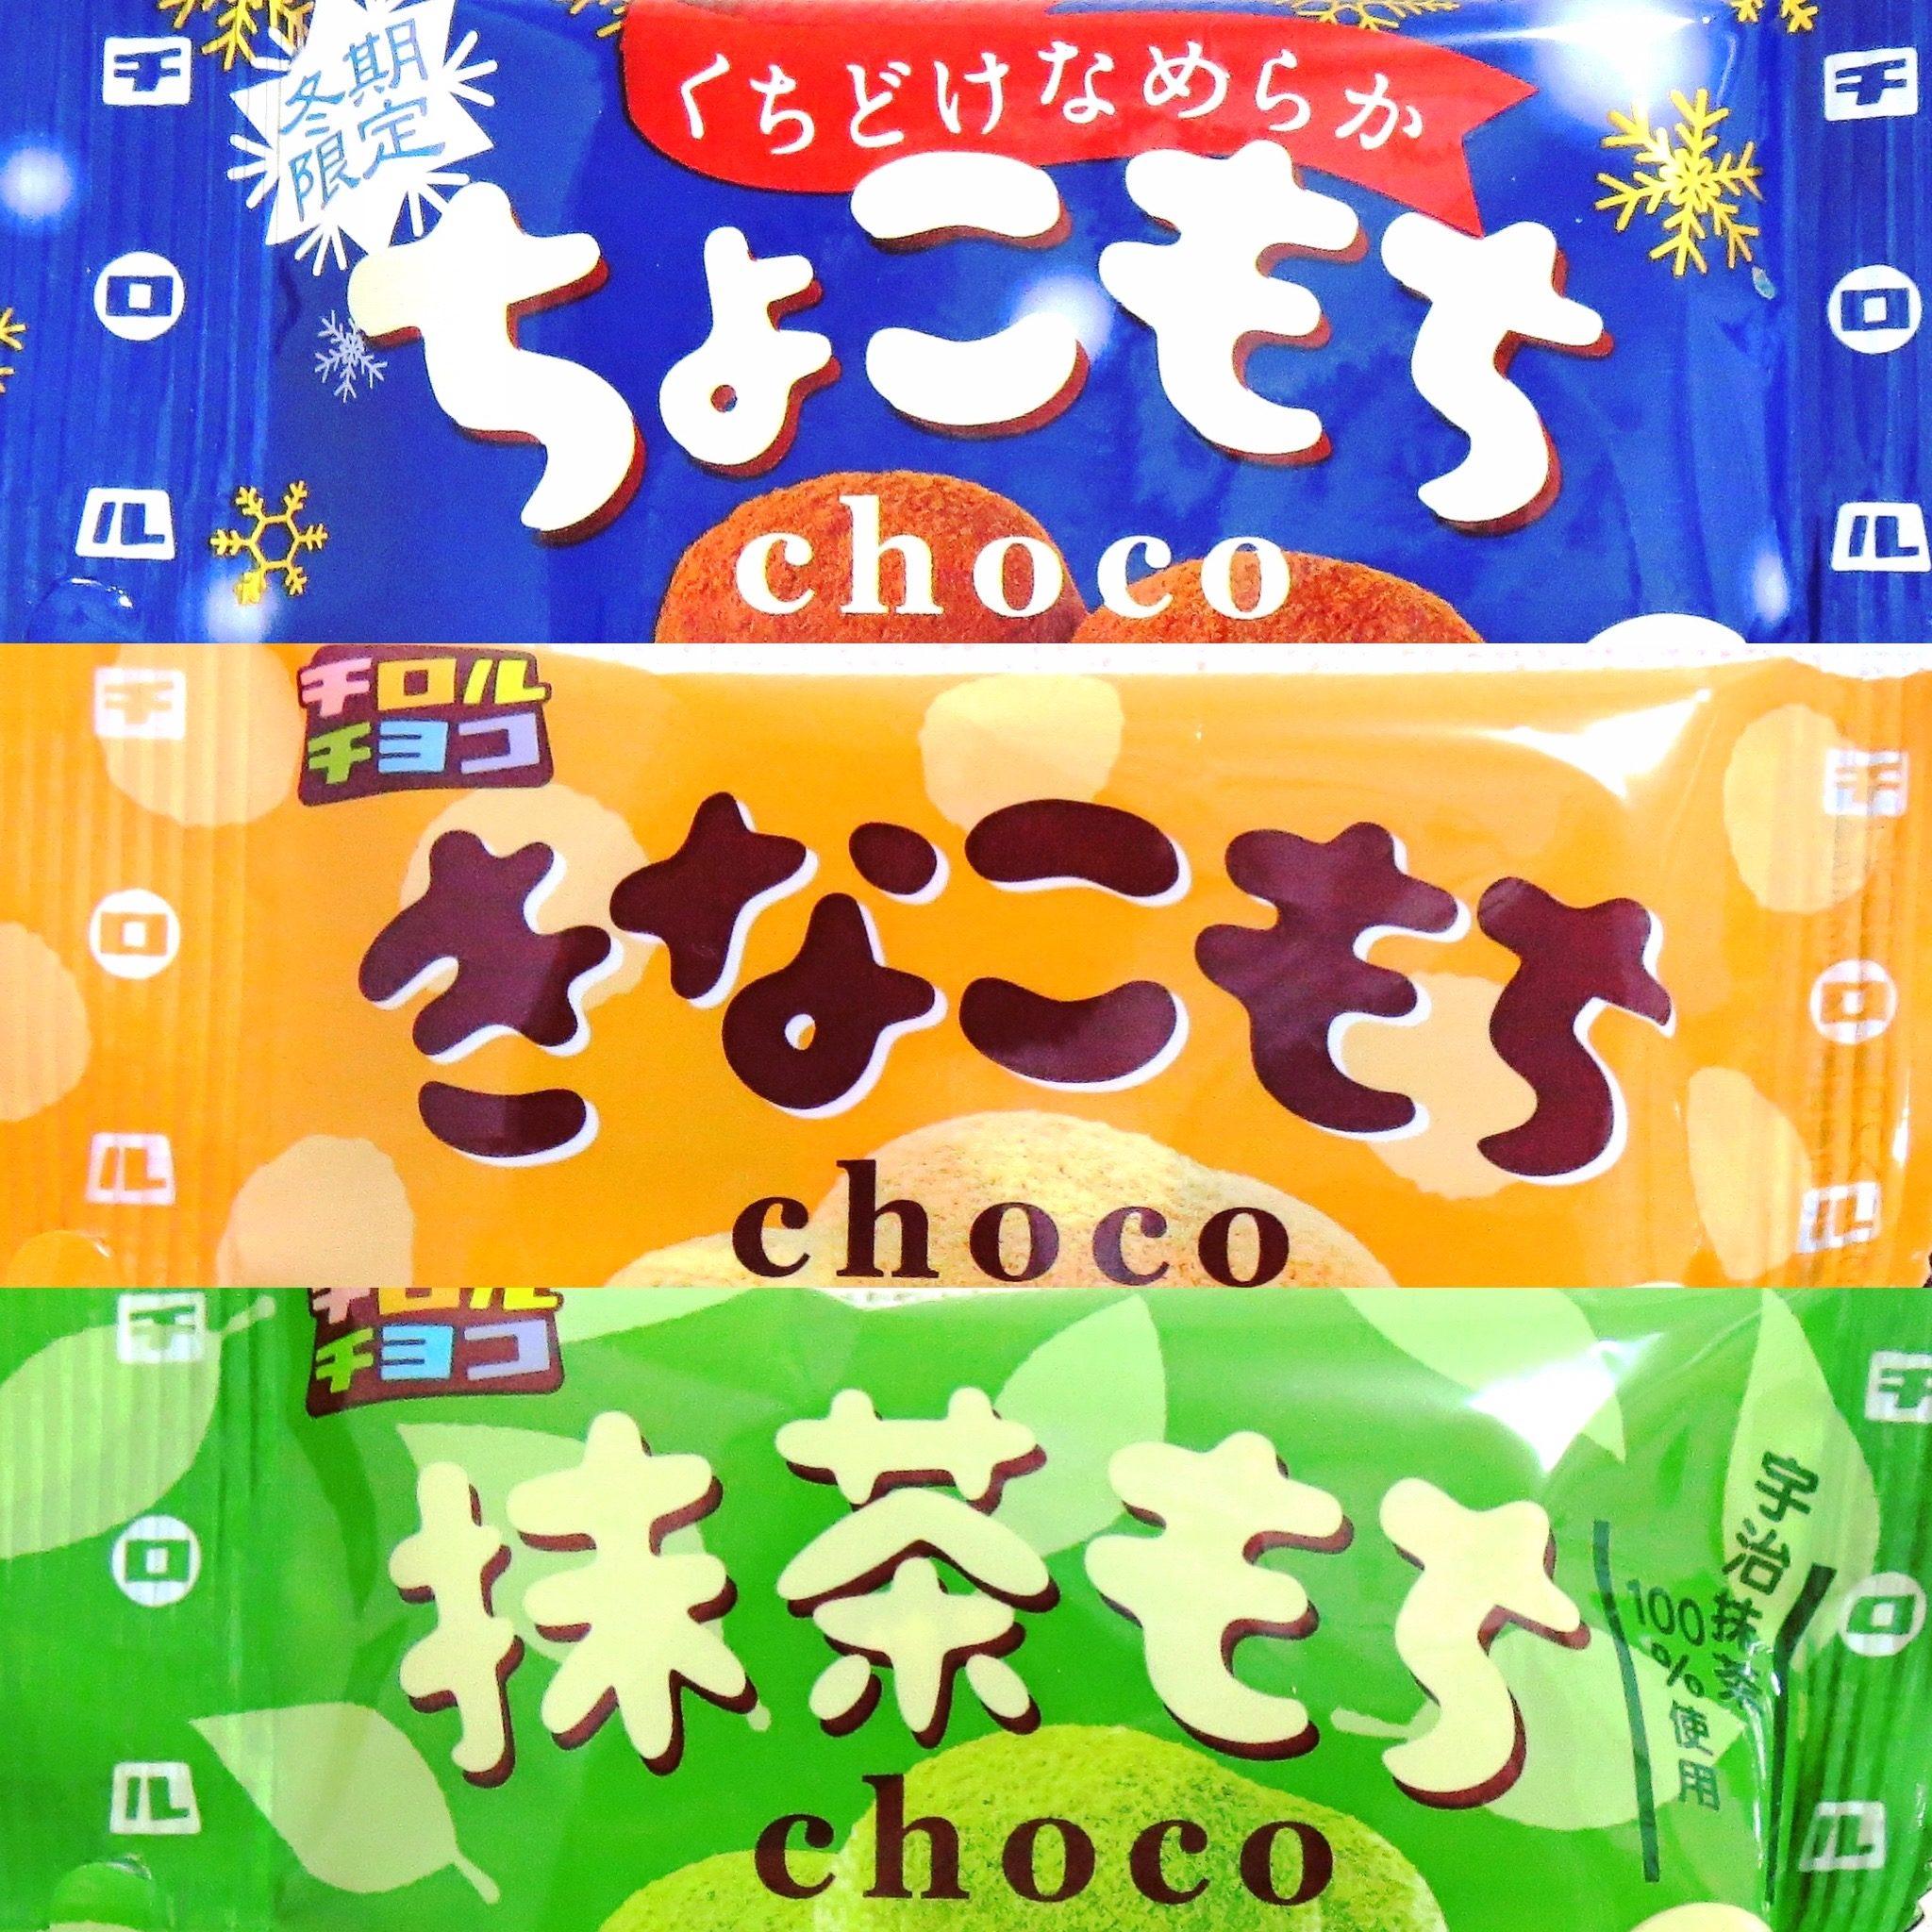 チロルチョコ(ダイソー)